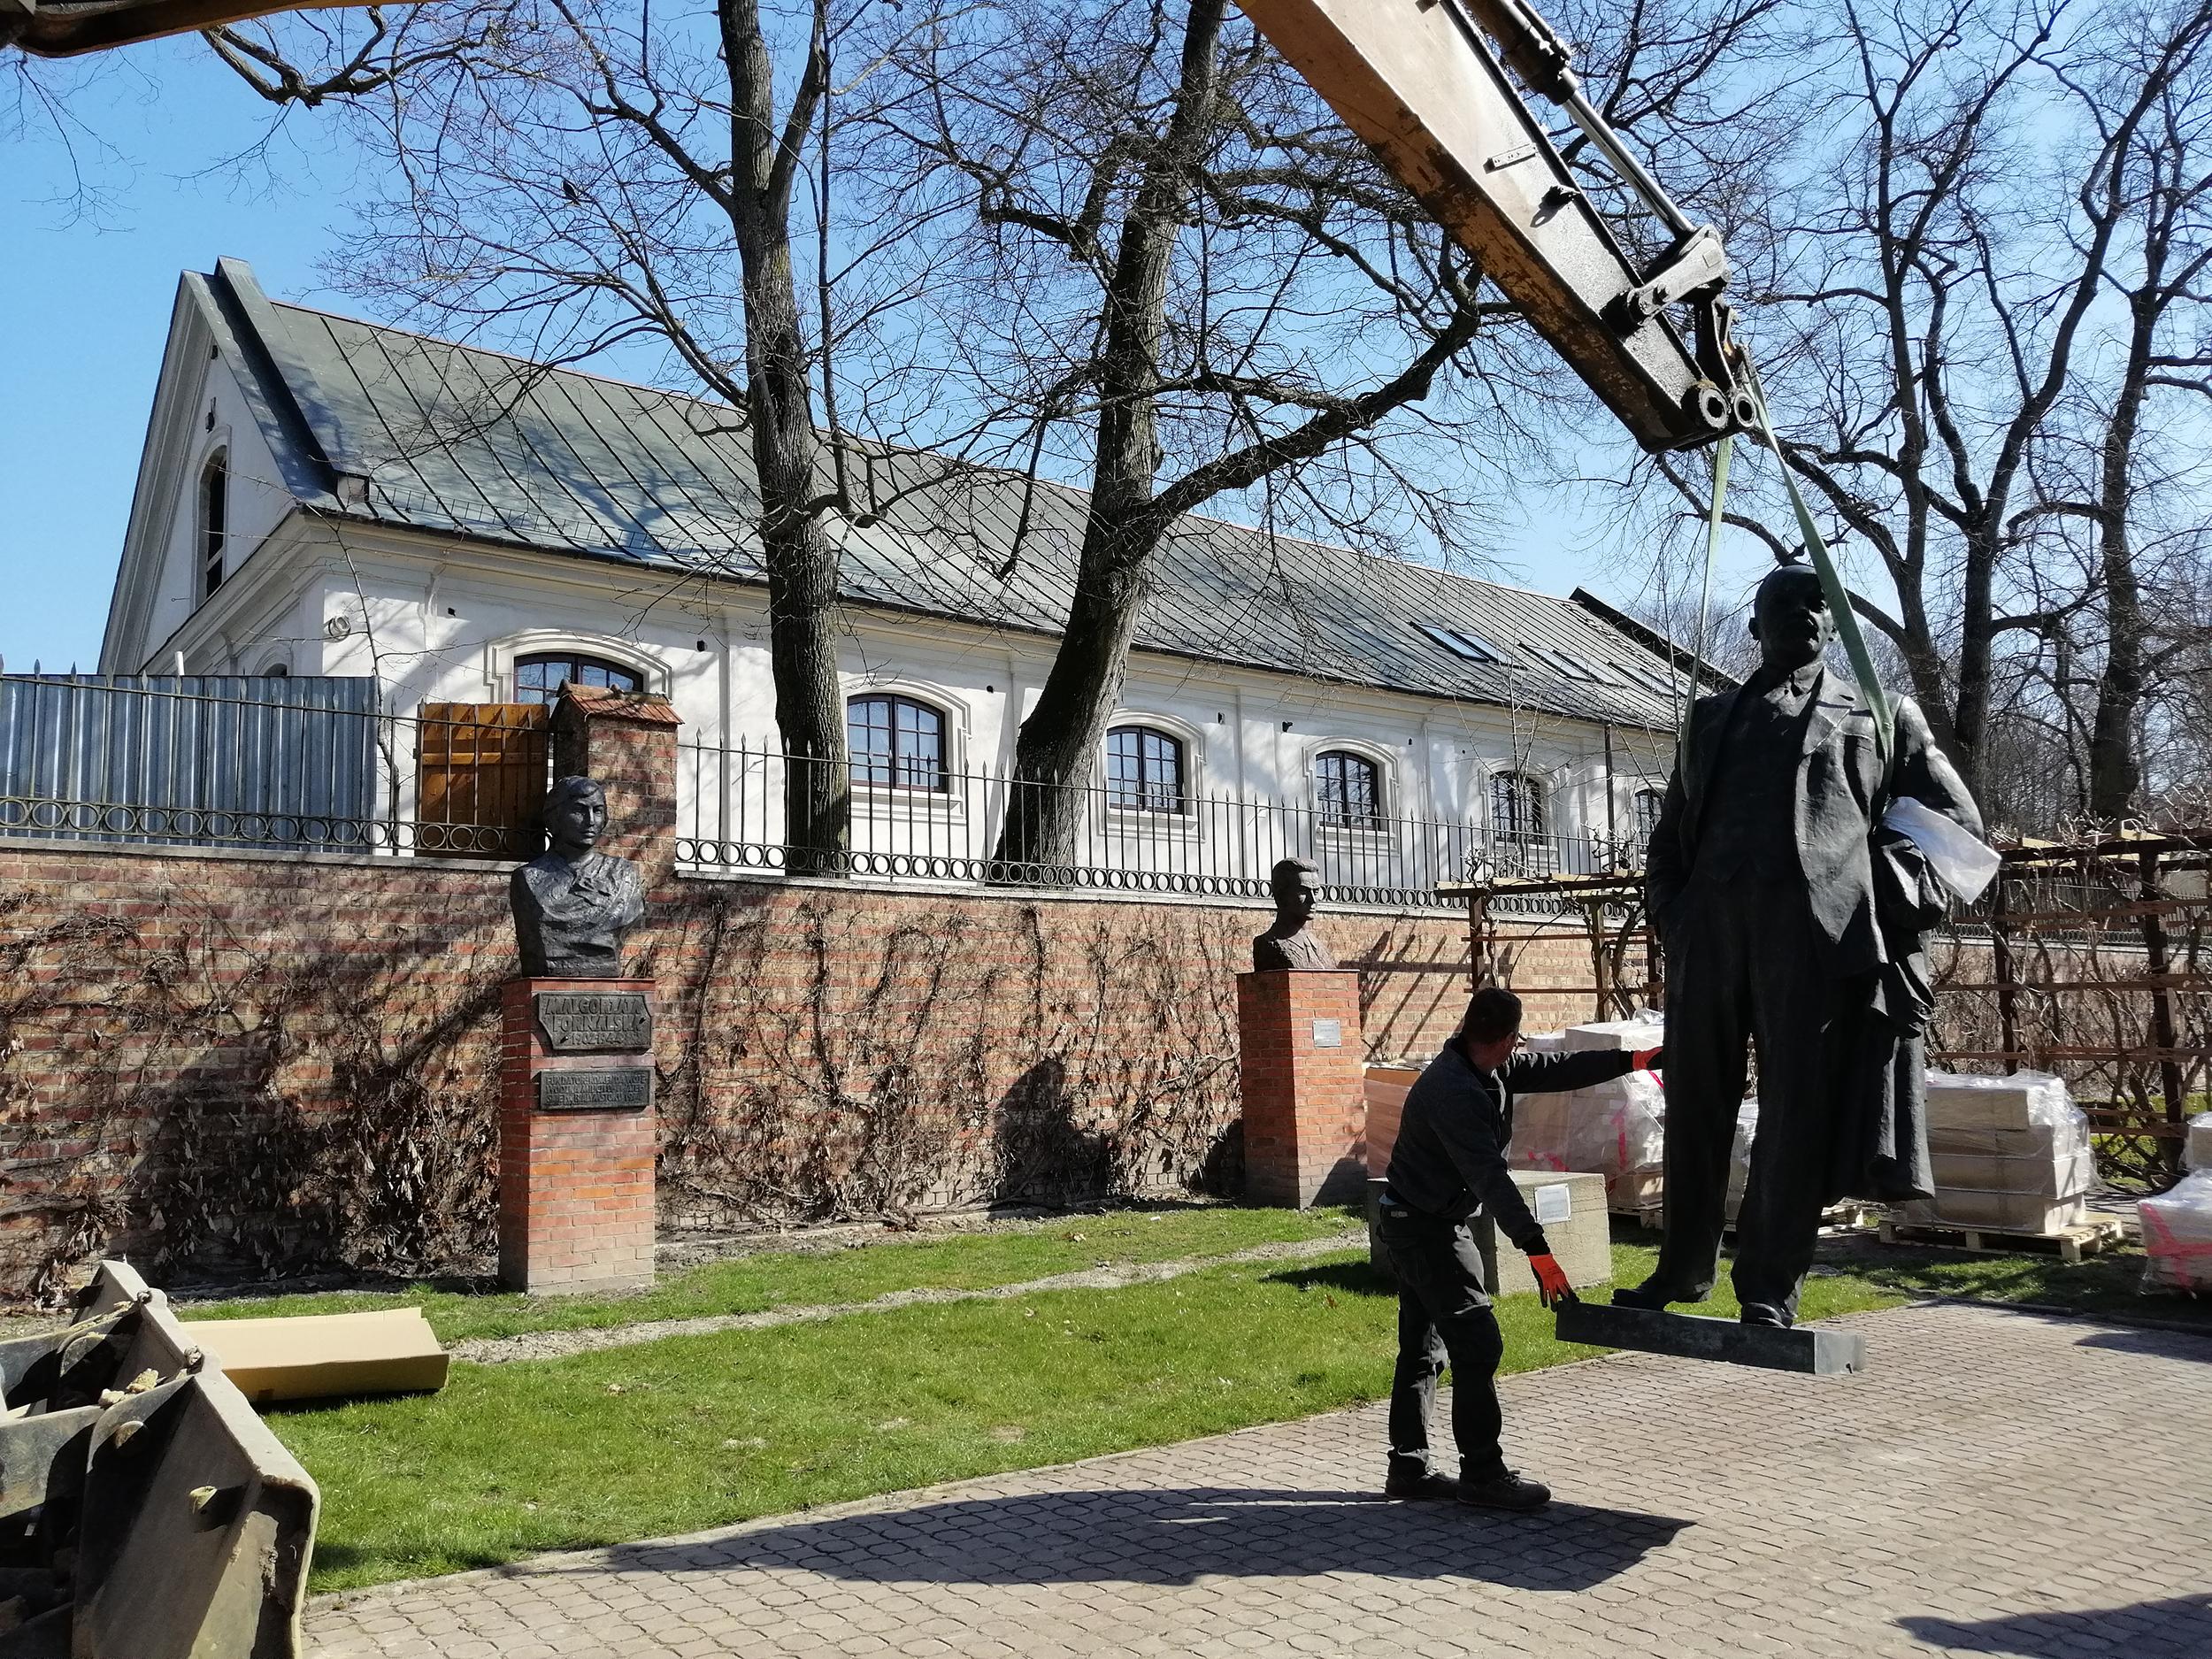 Fotografia. Pomnik Włodzimierza Lenina, postać całościowa. Rzeźba z brązu o wymiarach 260 x 120 x 75 cm uniesiona nad ziemię za pomocą pasów holowniczych. Po lewej stronie mężczyzna podtrzymujący rzeźbę.